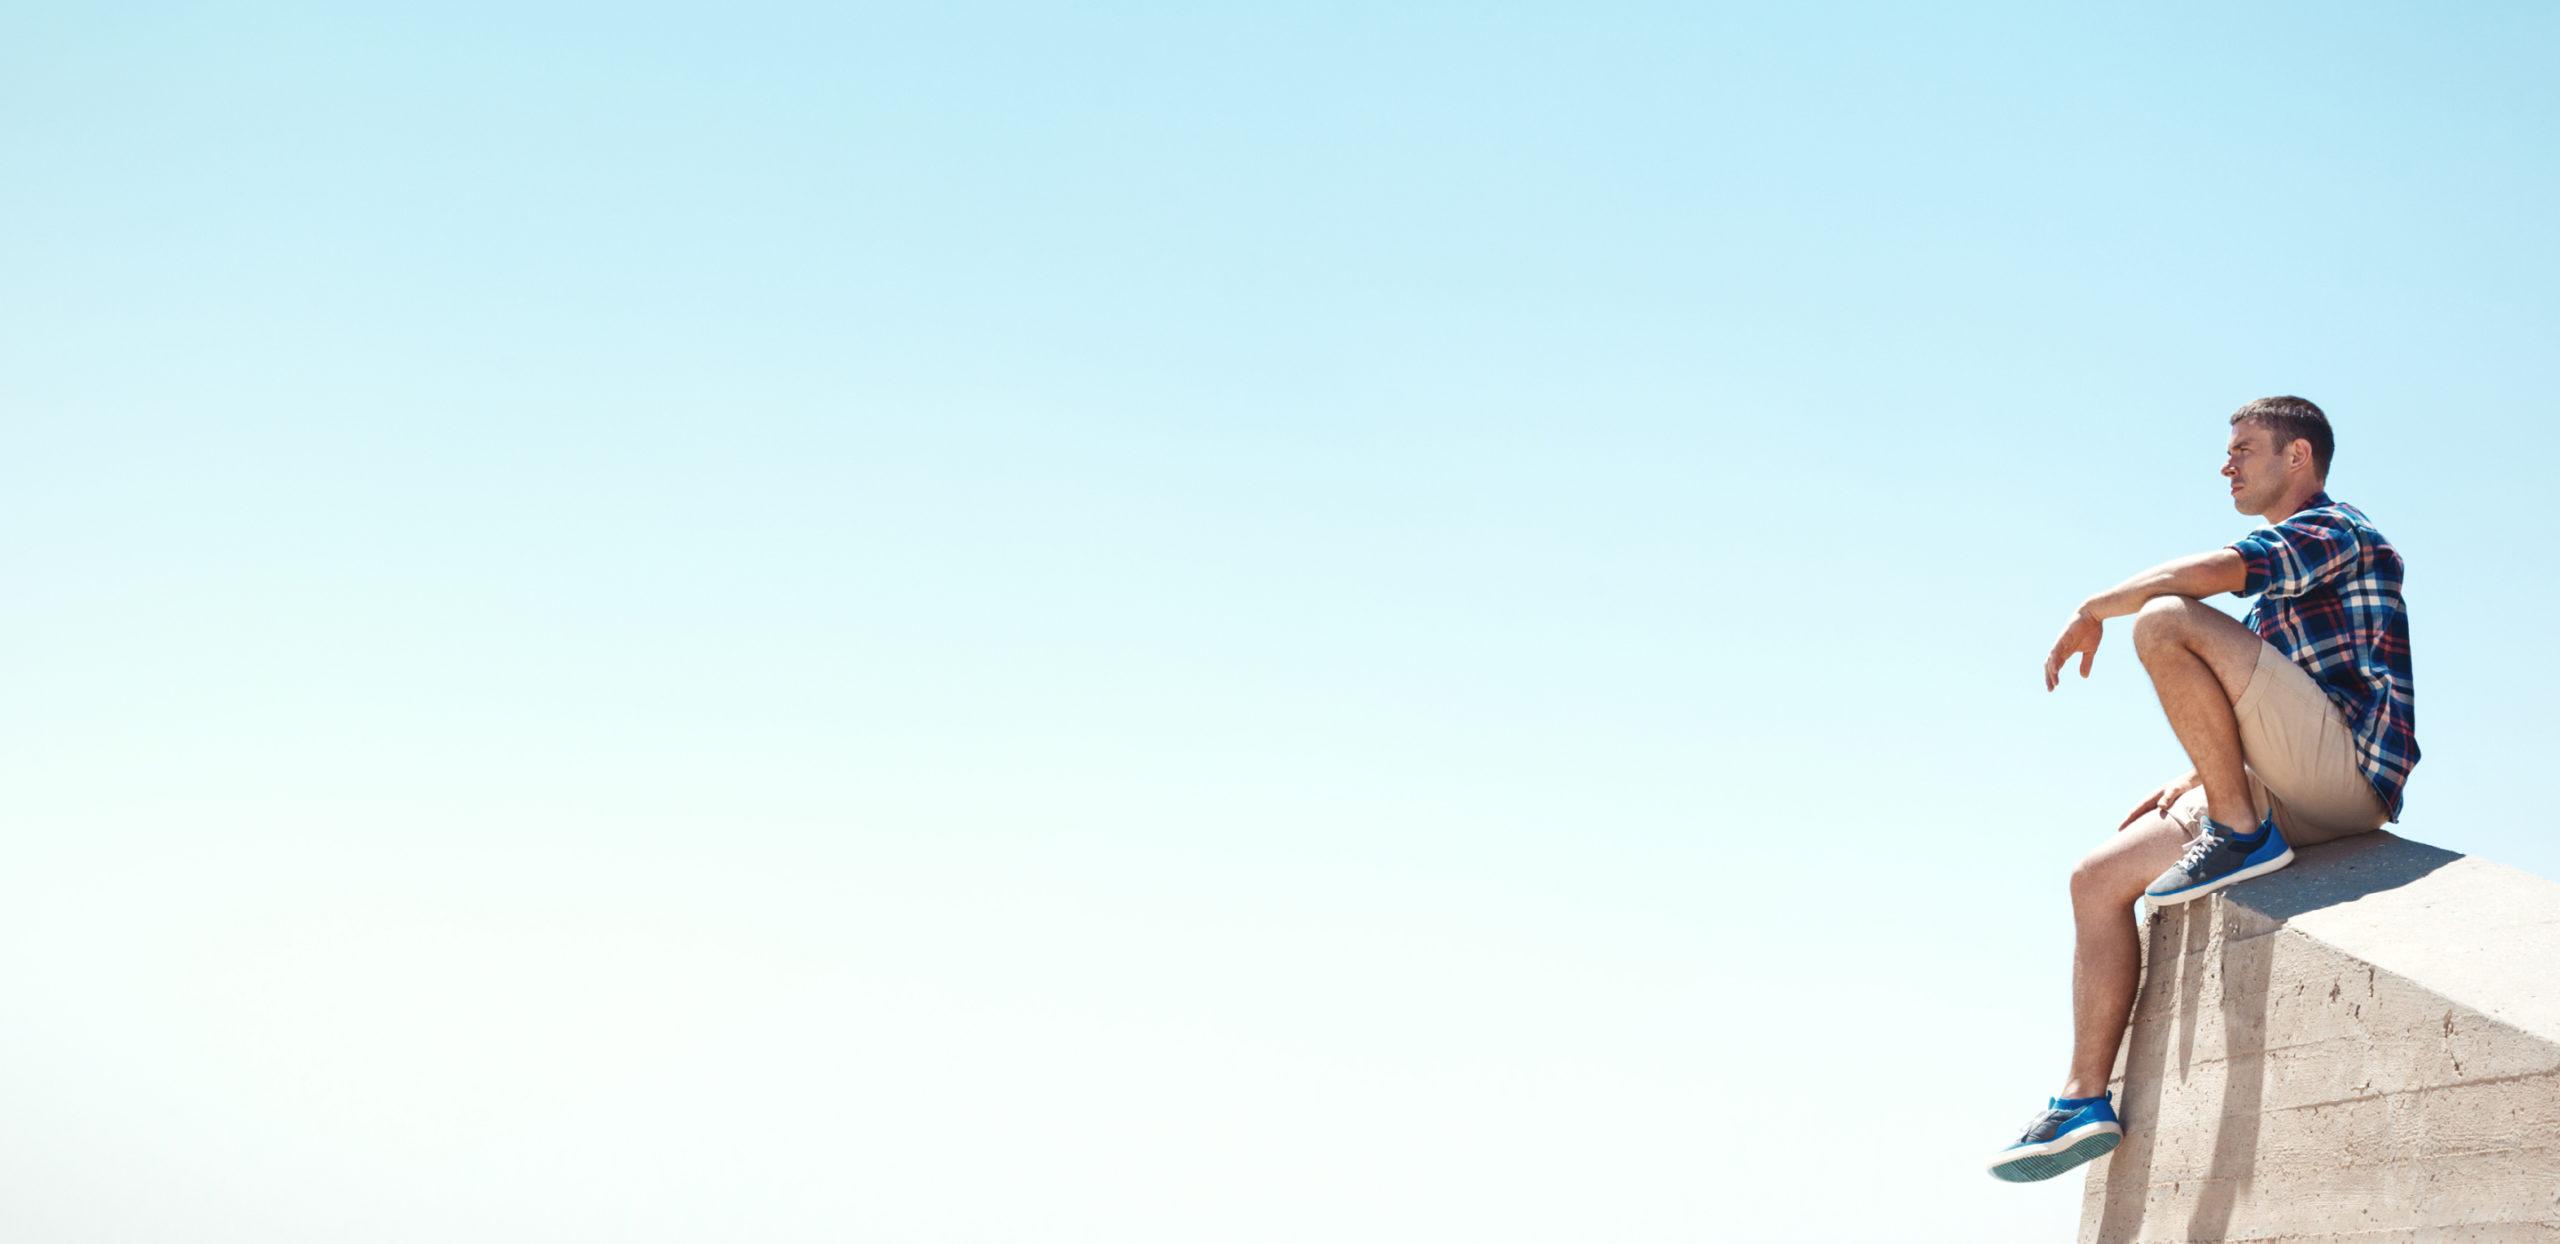 Mann mit kurzen Hosen genießt das sonnige Wetter